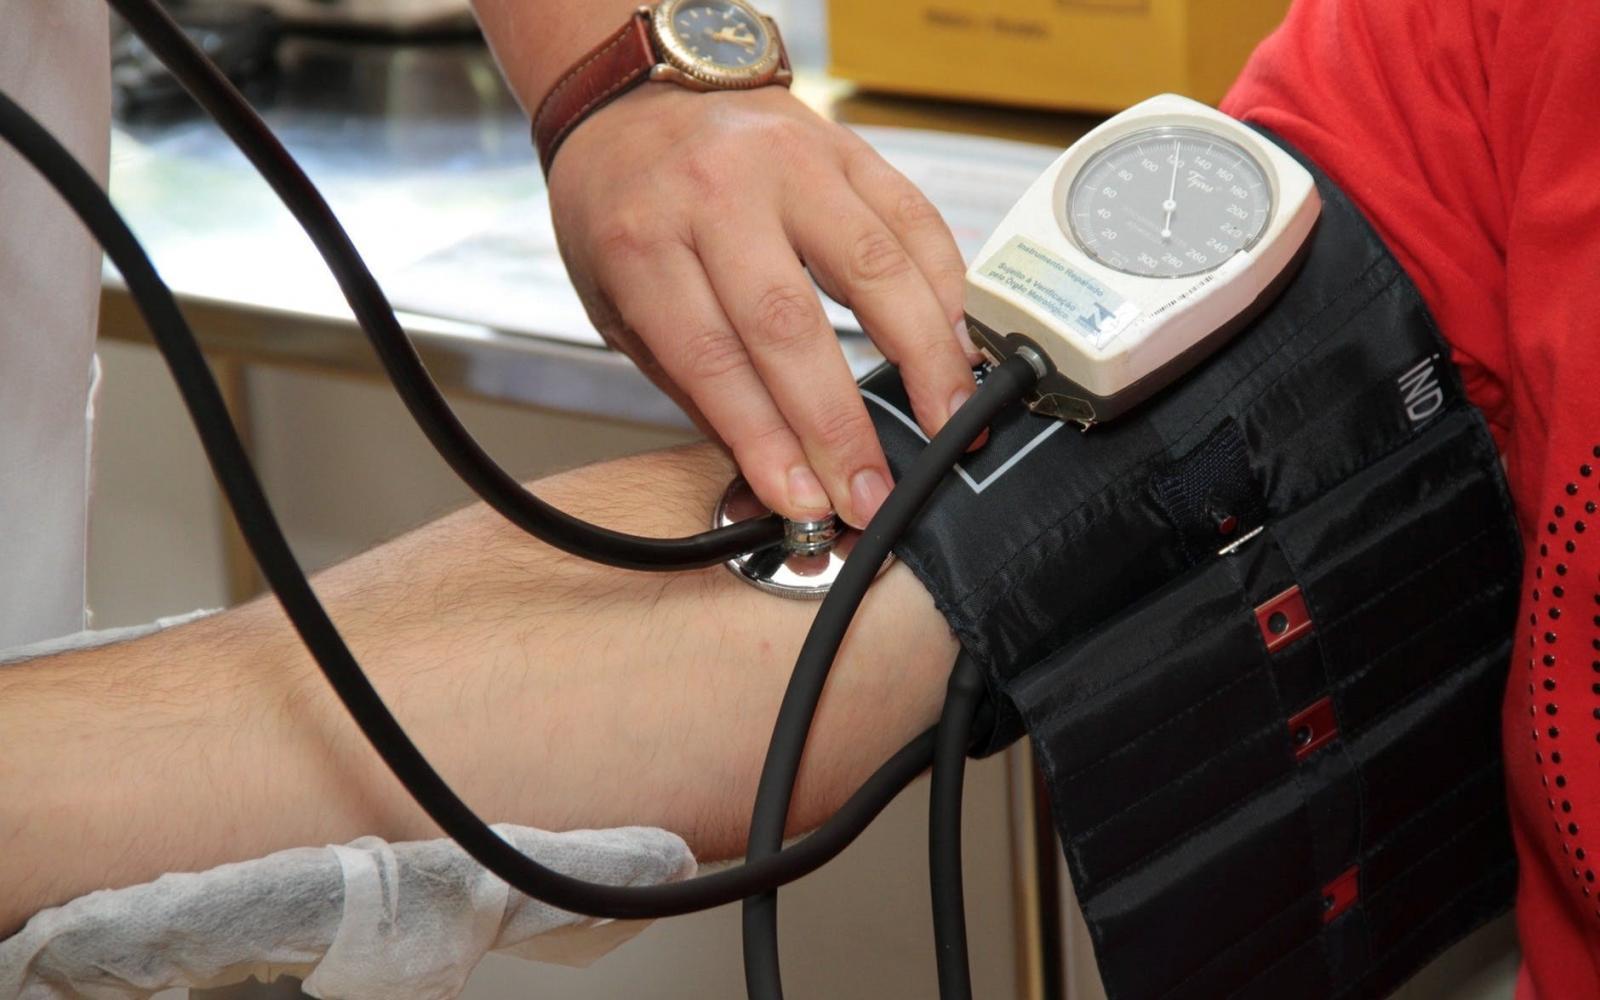 másodlagos magas vérnyomás mkb)